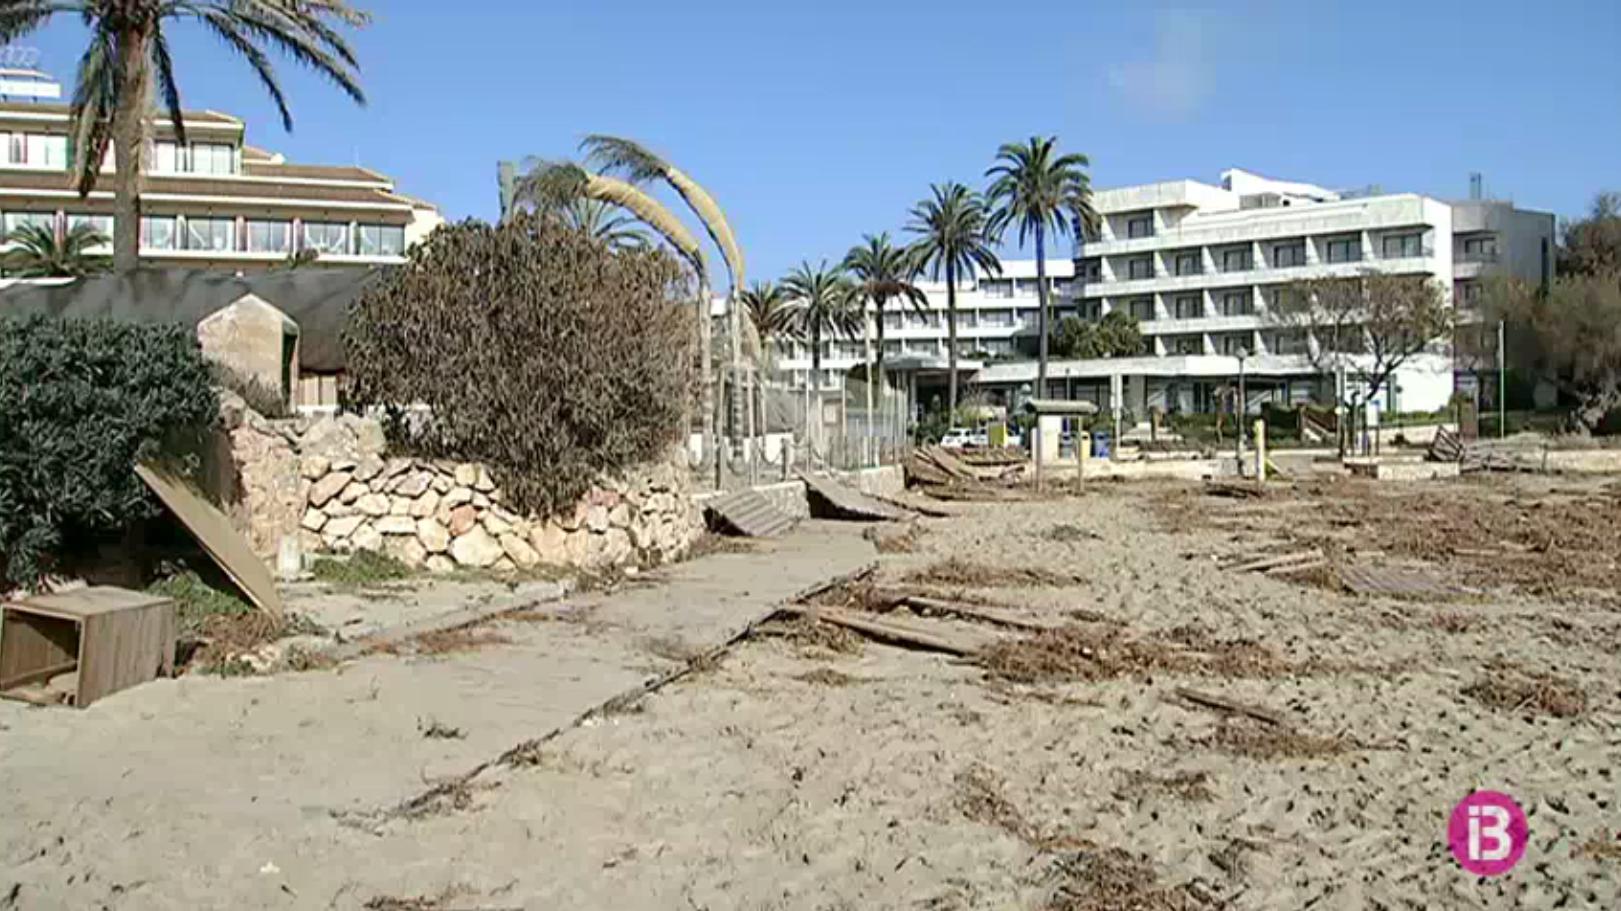 Hotelers+i+ajuntaments+regeneraran+la+platja+de+Cala+Millor+si+no+ho+fa+Costes